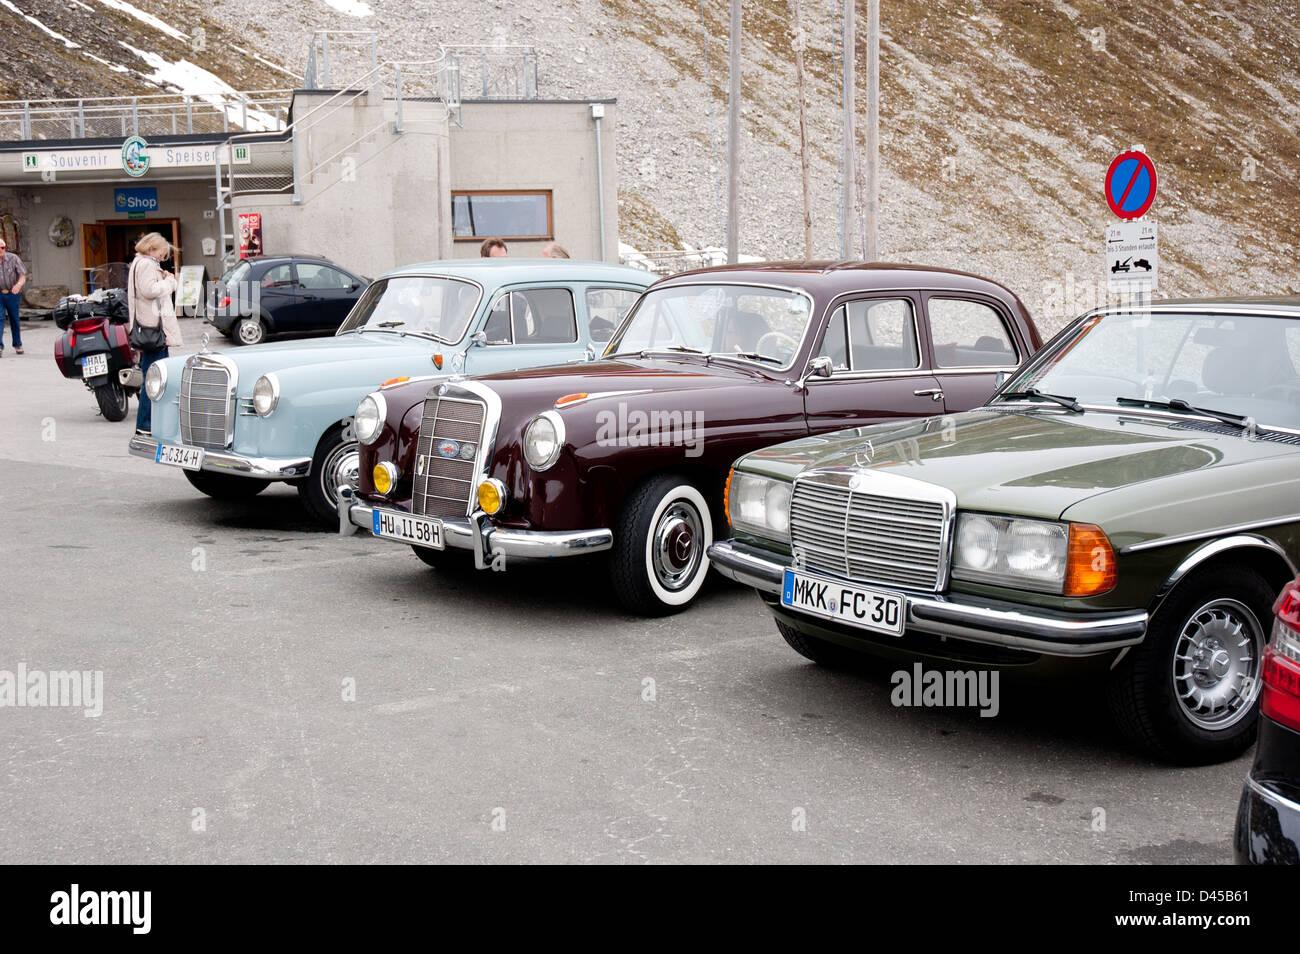 Some oldtimers at Grossglockner High Alpine Road - Stock Image